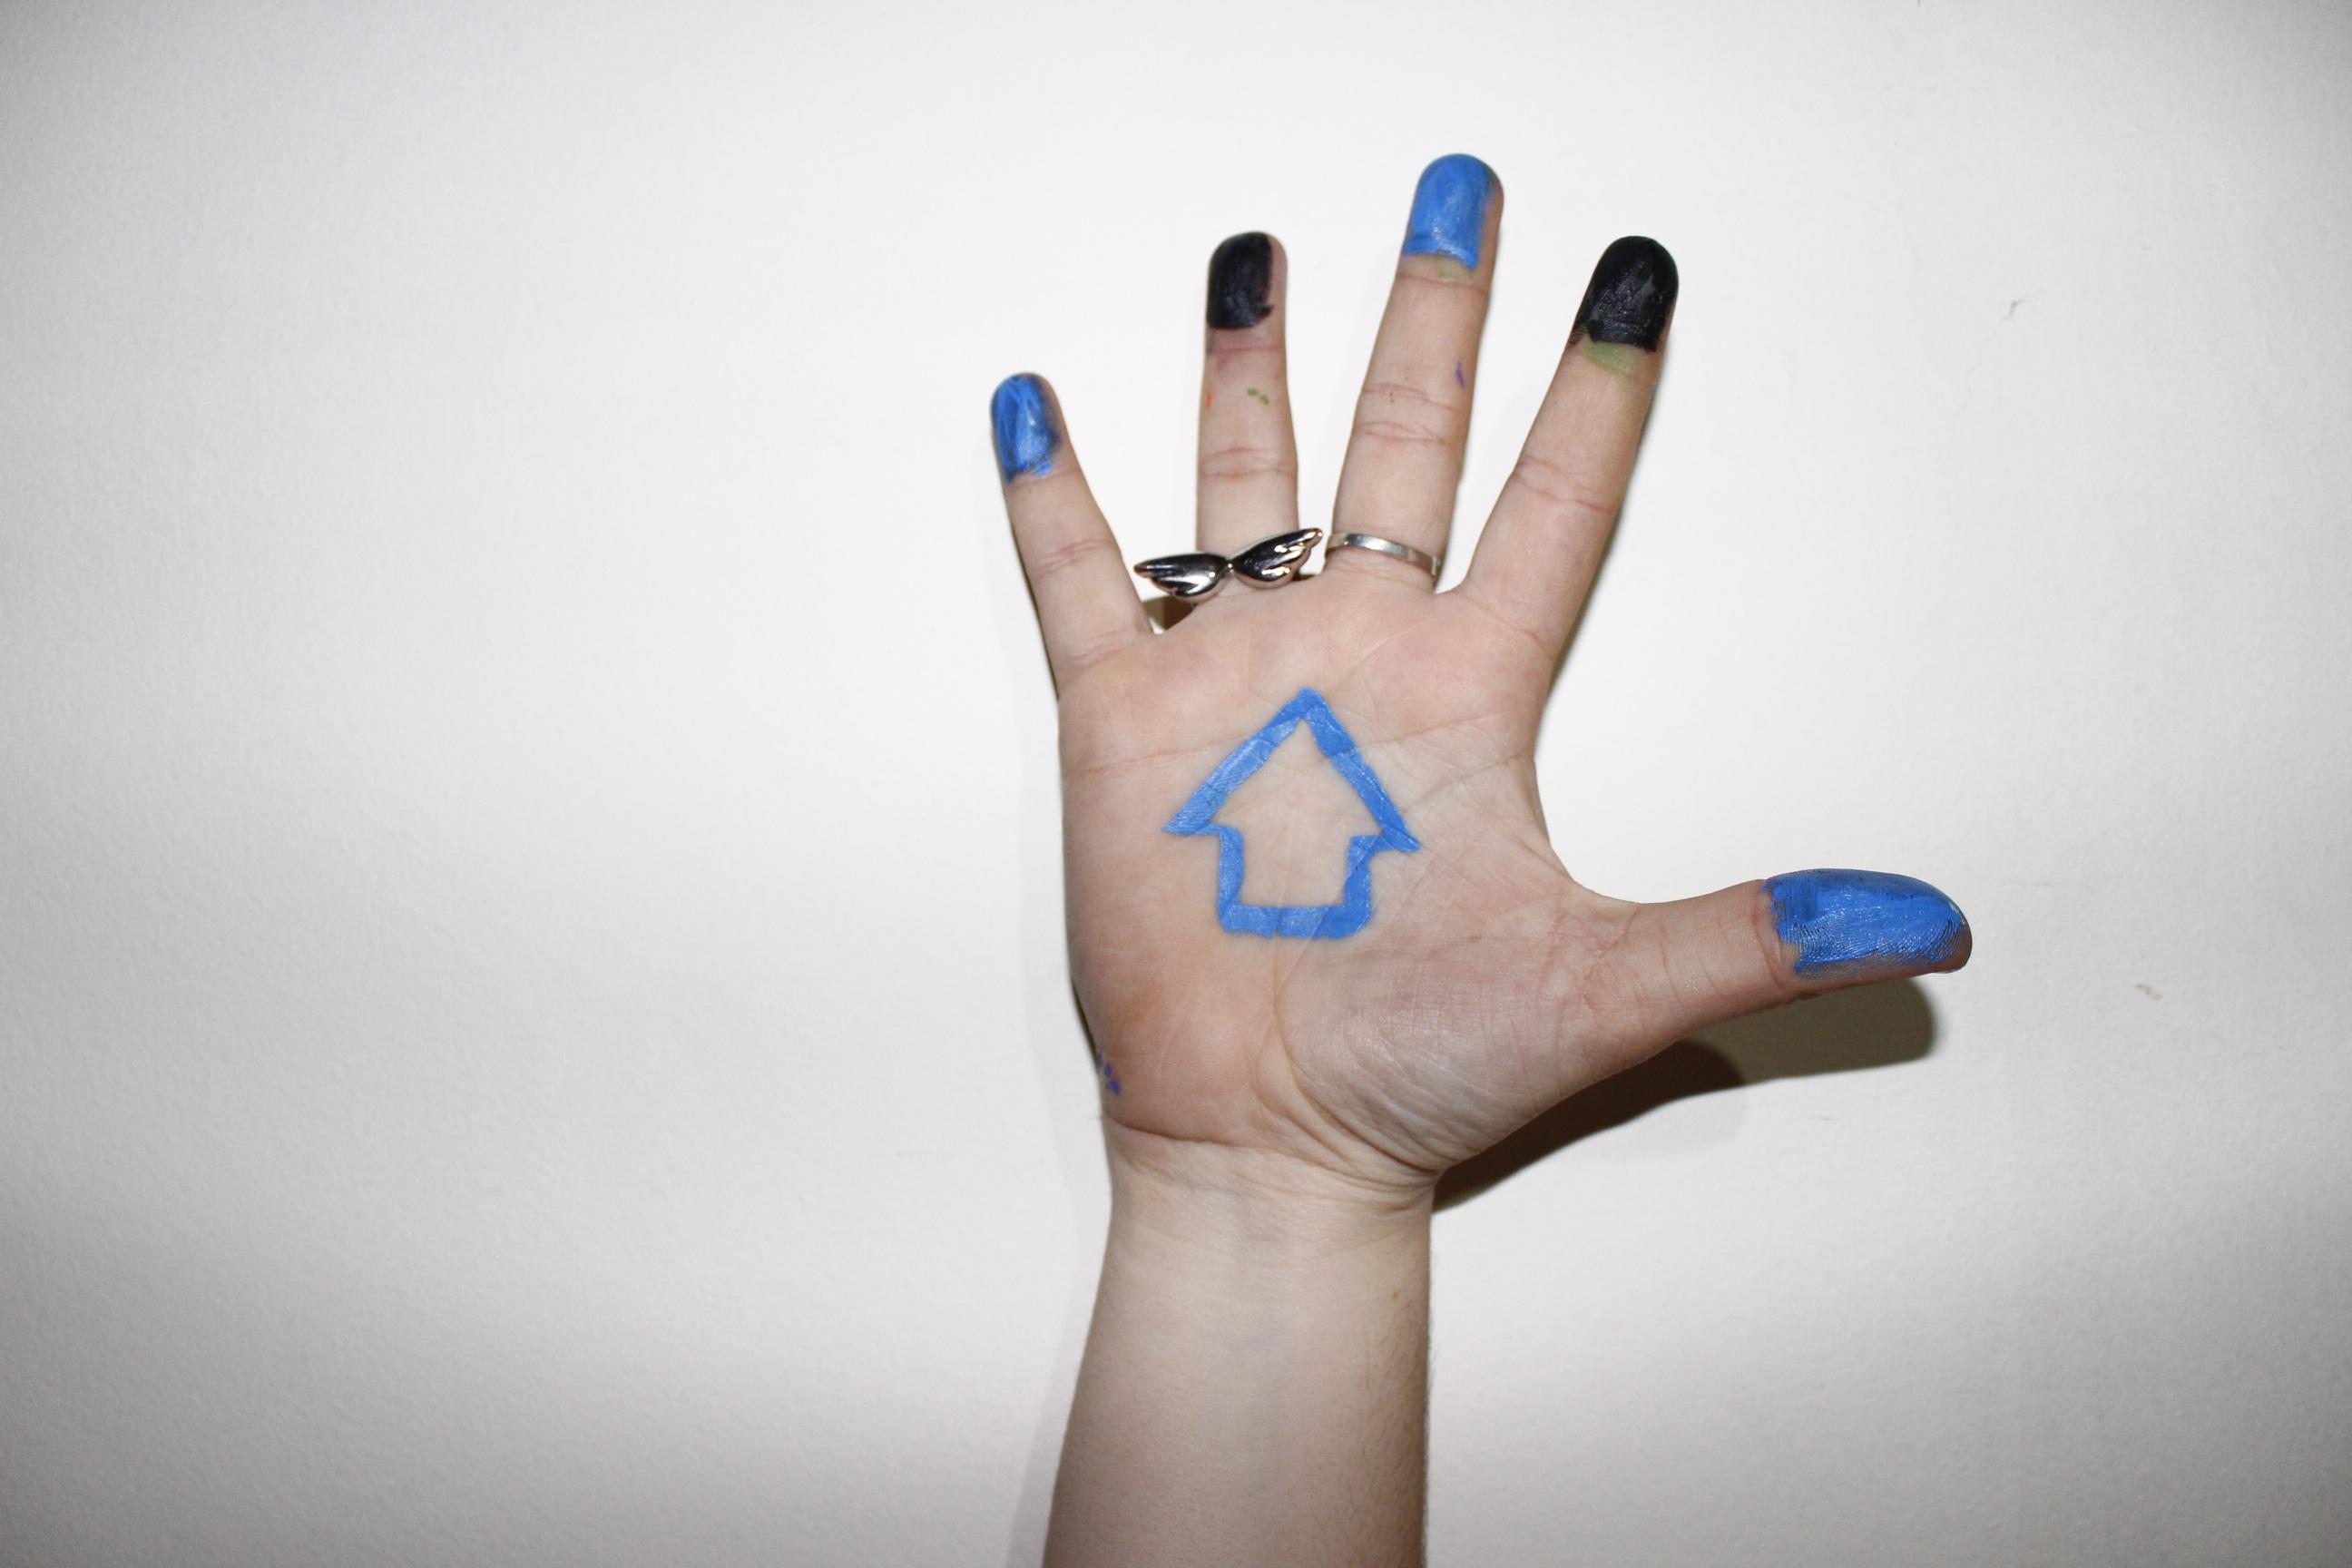 Kostenlose foto : Hand, Menschen, Decke, Finger, Sammlung, blau, Arm ...